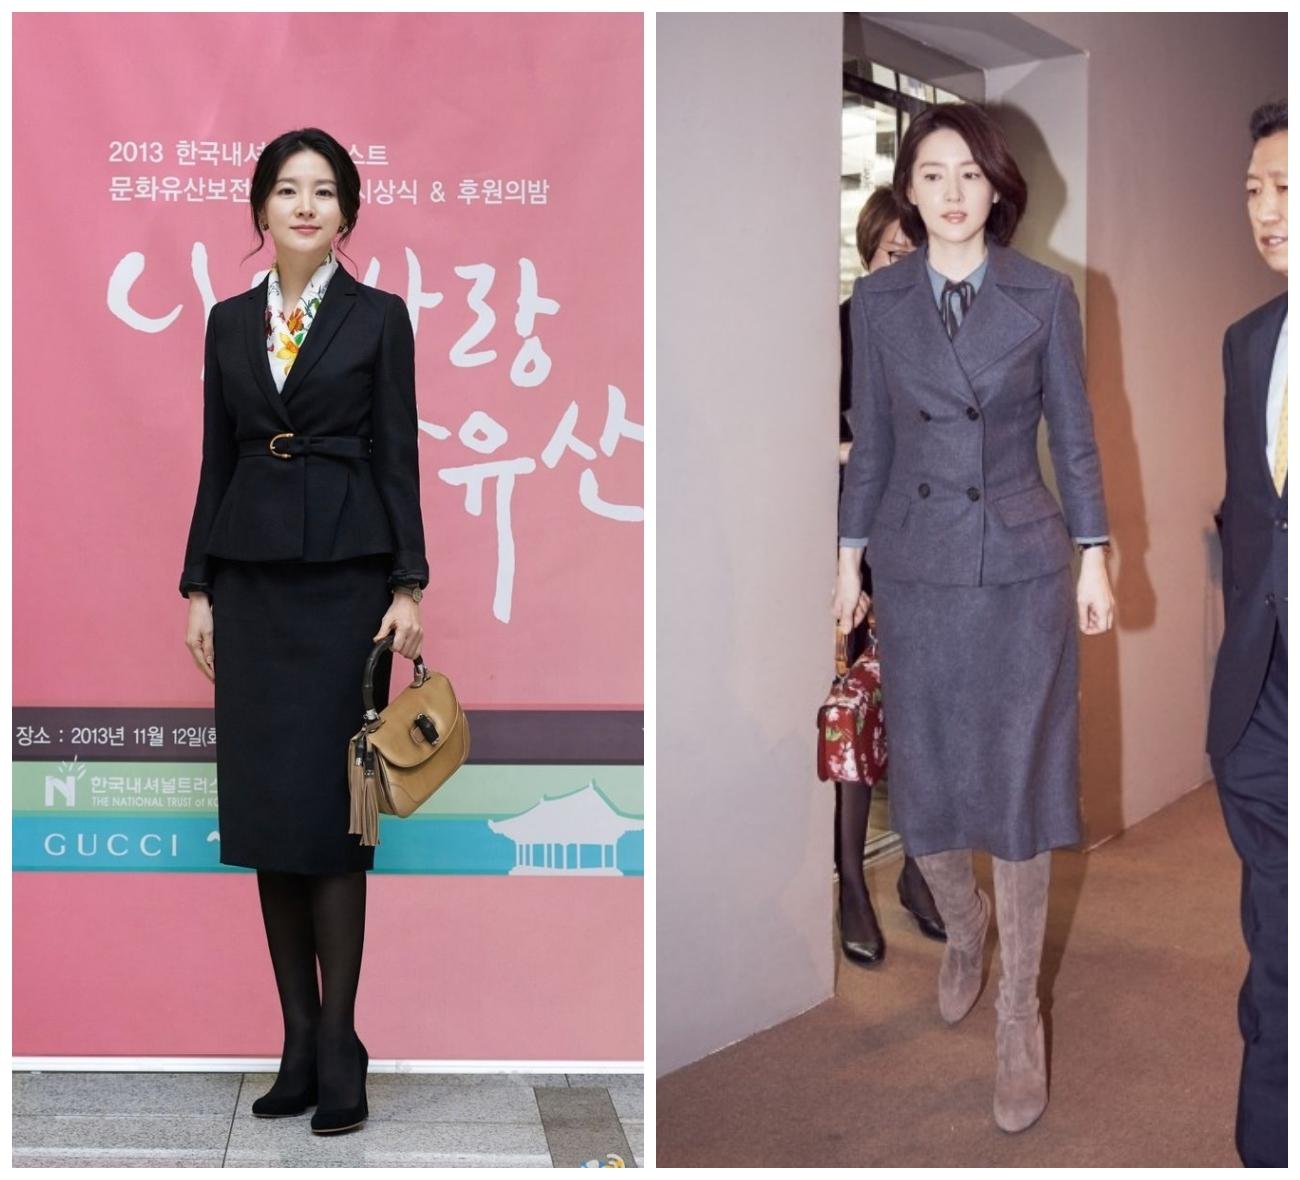 Khi diện chân váy, Lee Young Ae thường kết hợp cùng vớ da hoặc giày bốt cùng màu. (Ảnh: Daum.blog)